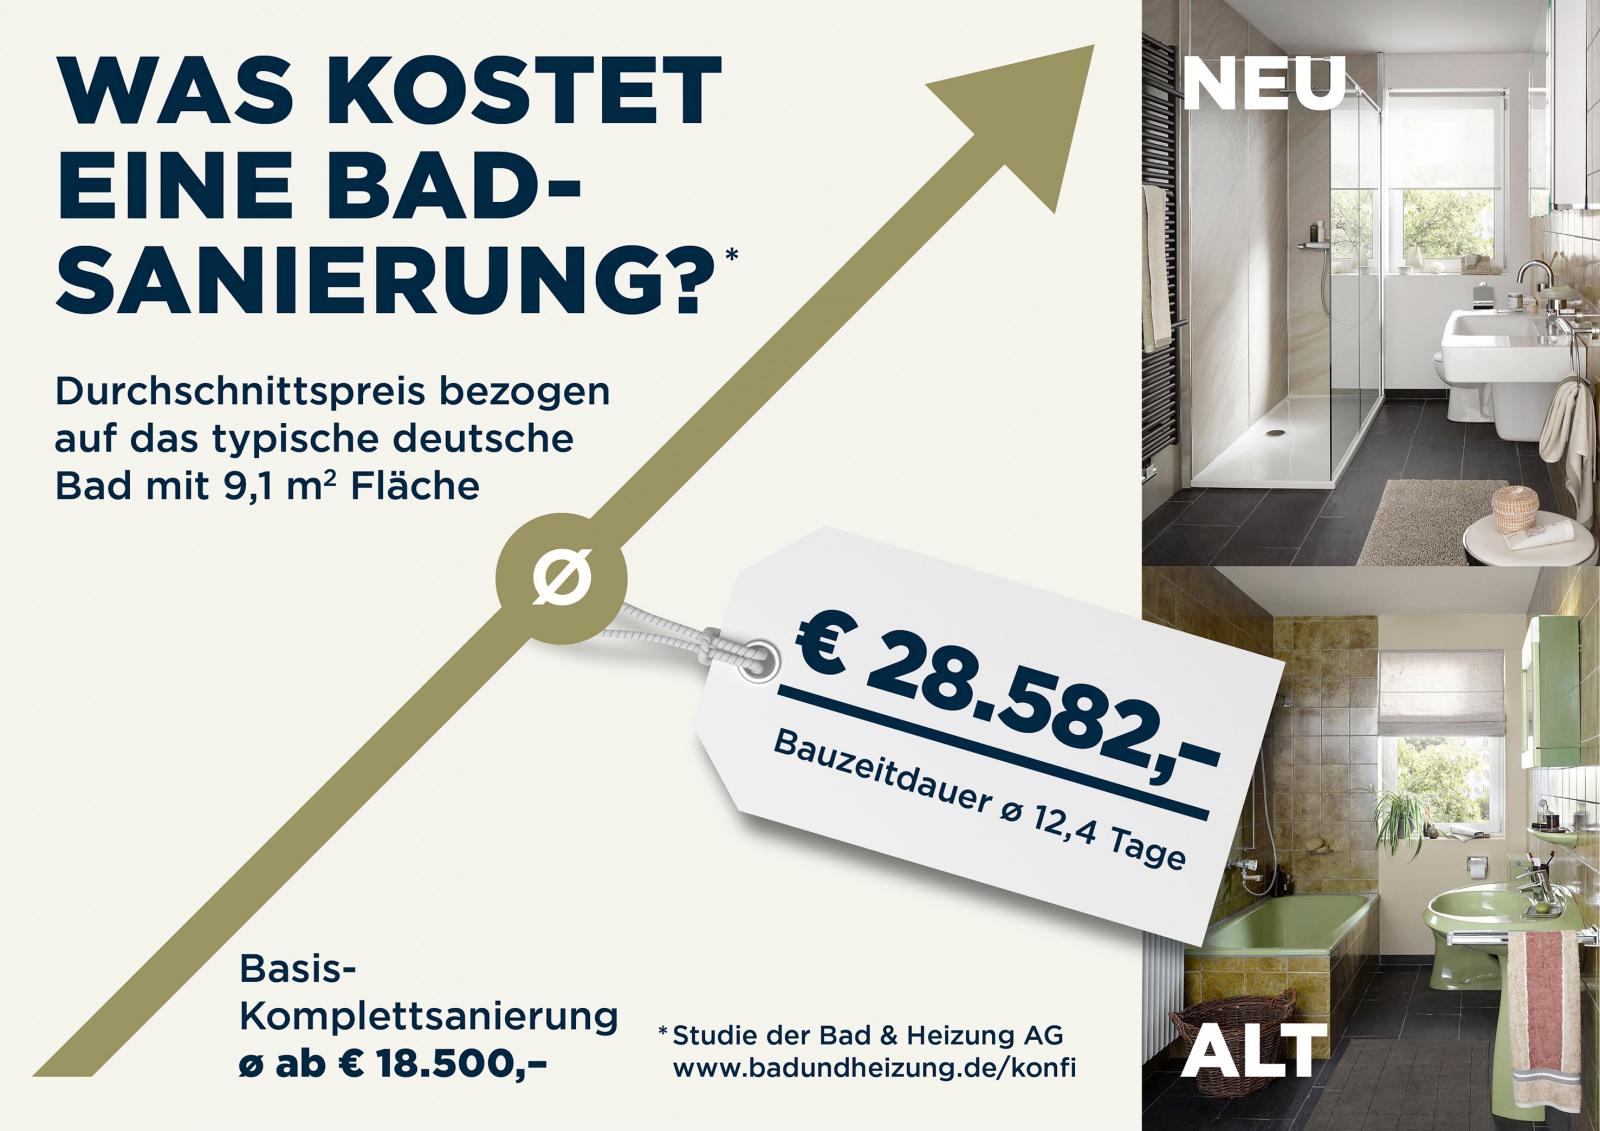 Häufig 9,1 m² Badsanierung kosten 28.582 Euro – BÖHM Interieur OF34